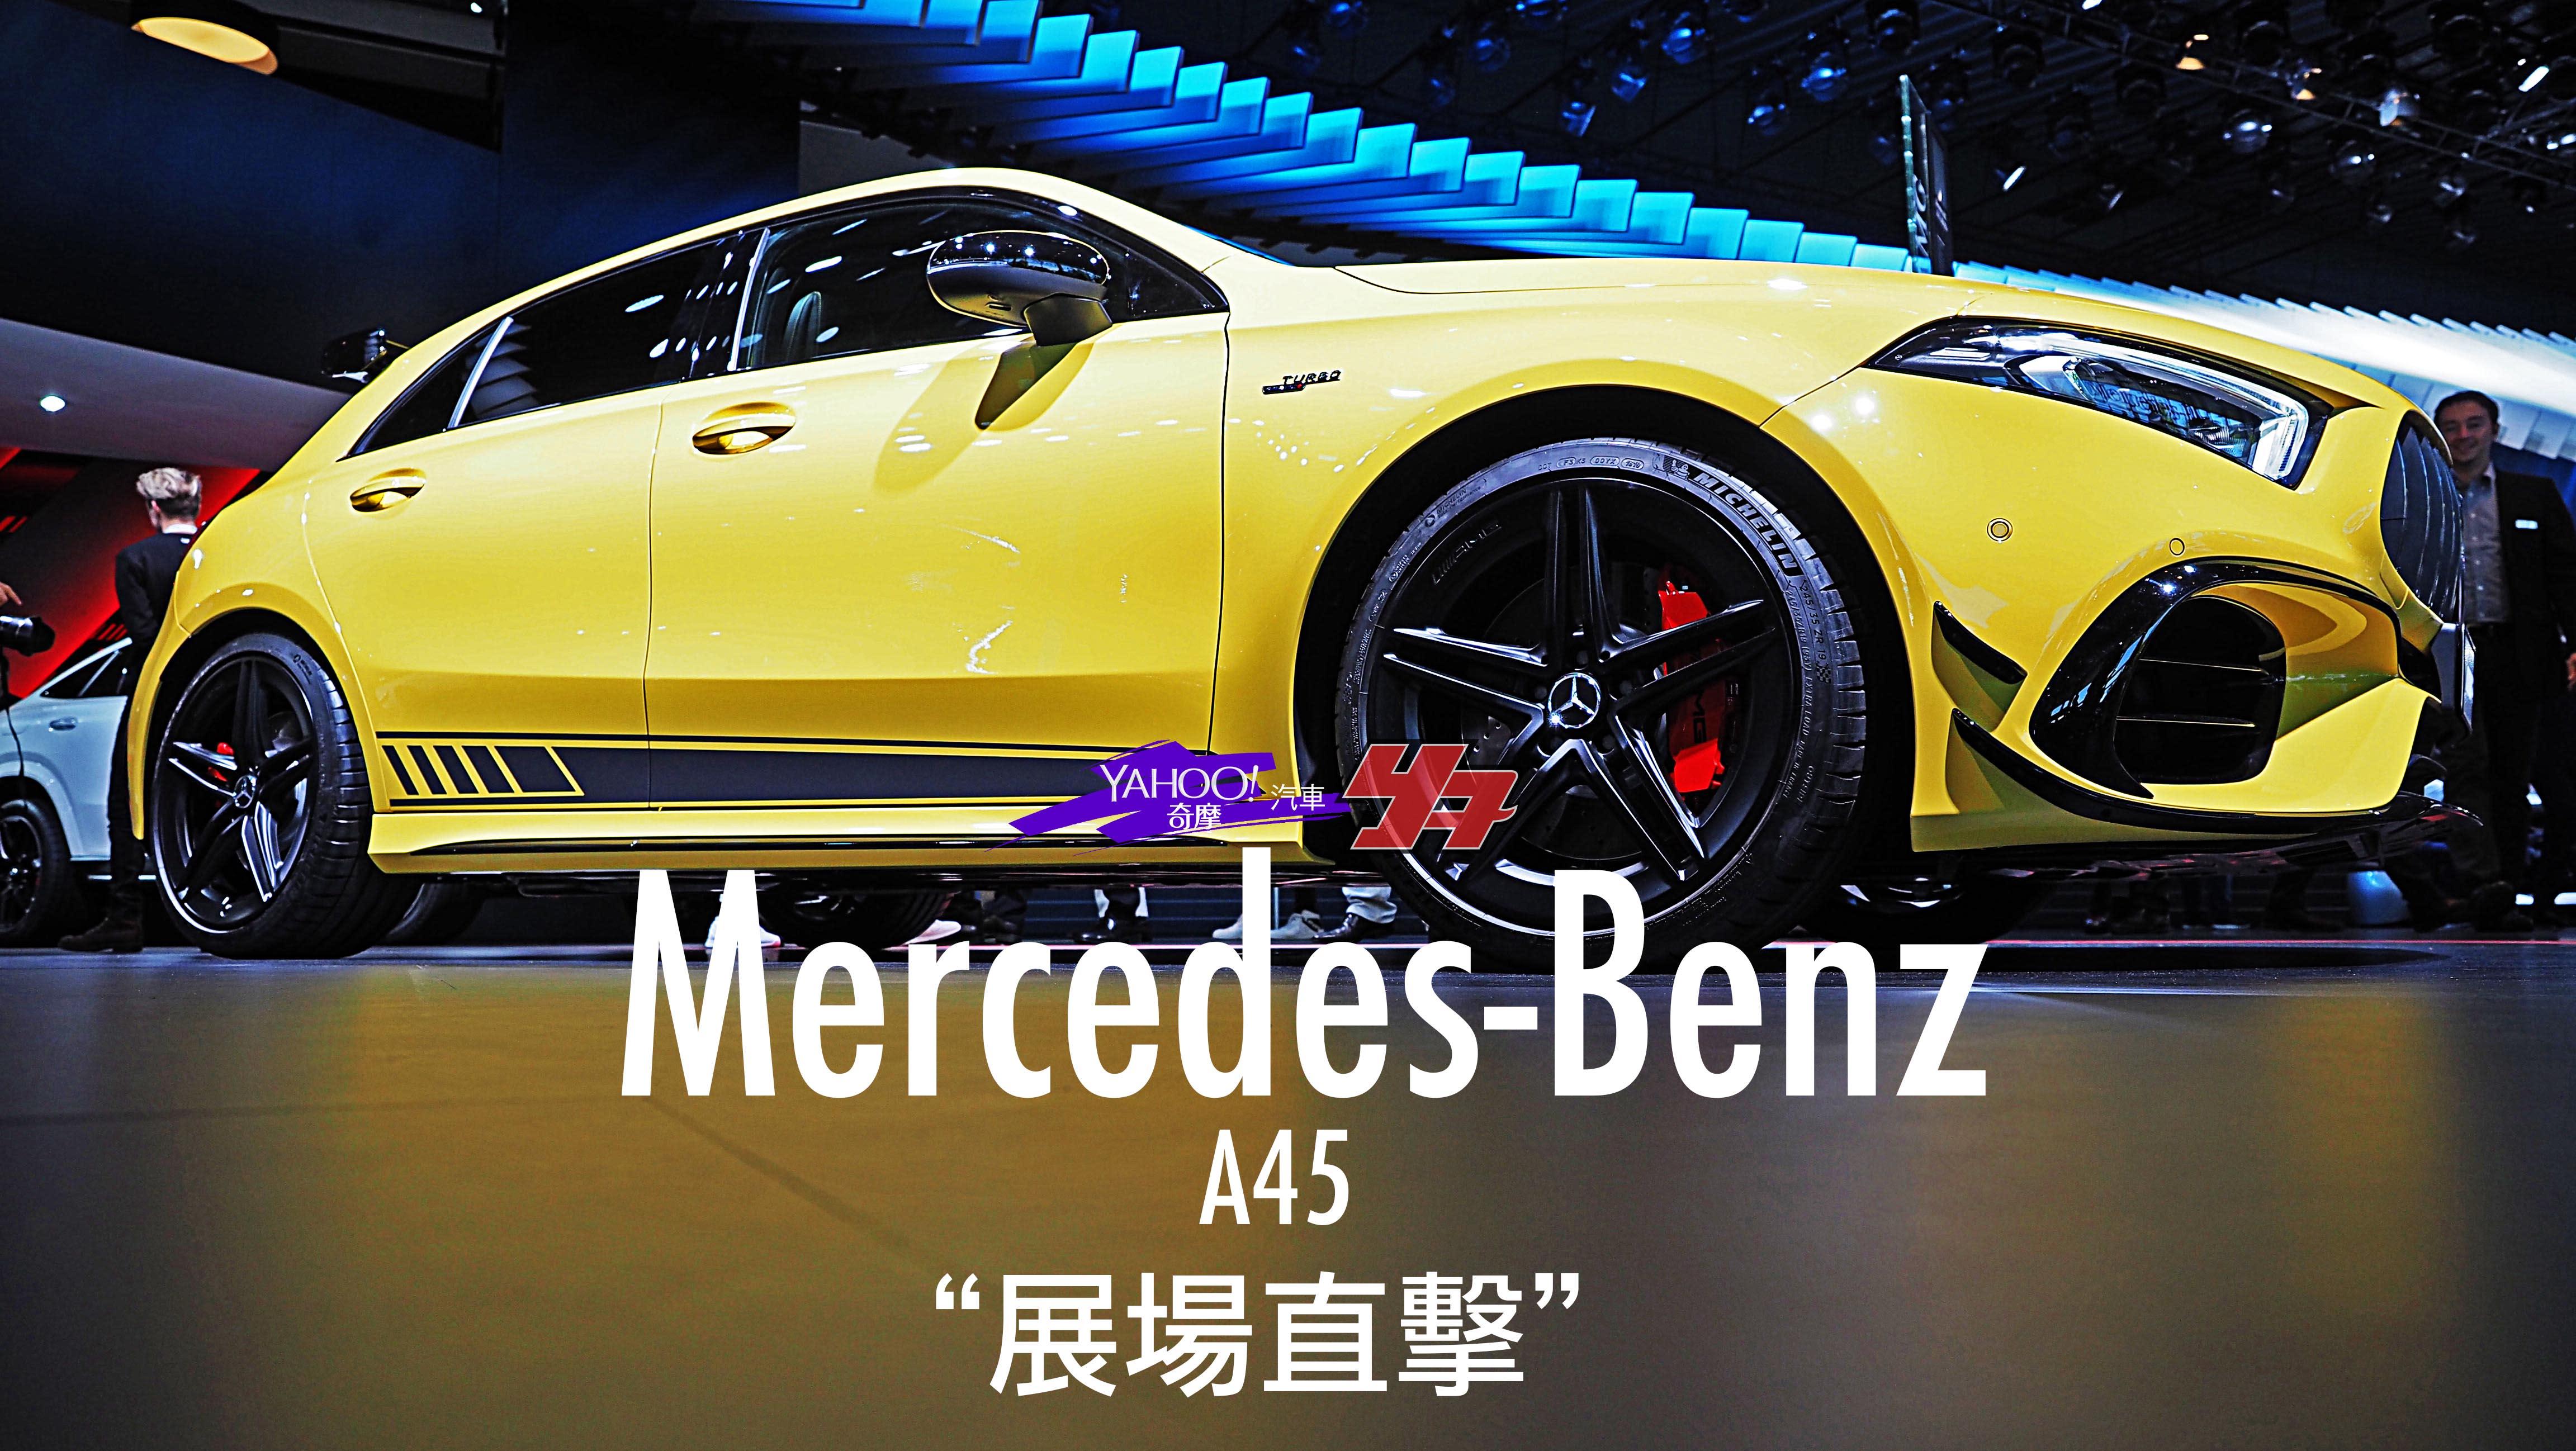 【2019法蘭克福車展直擊】以下犯上的狂野實力!Mercedes-AMG全新A45系列猛暴亮相!